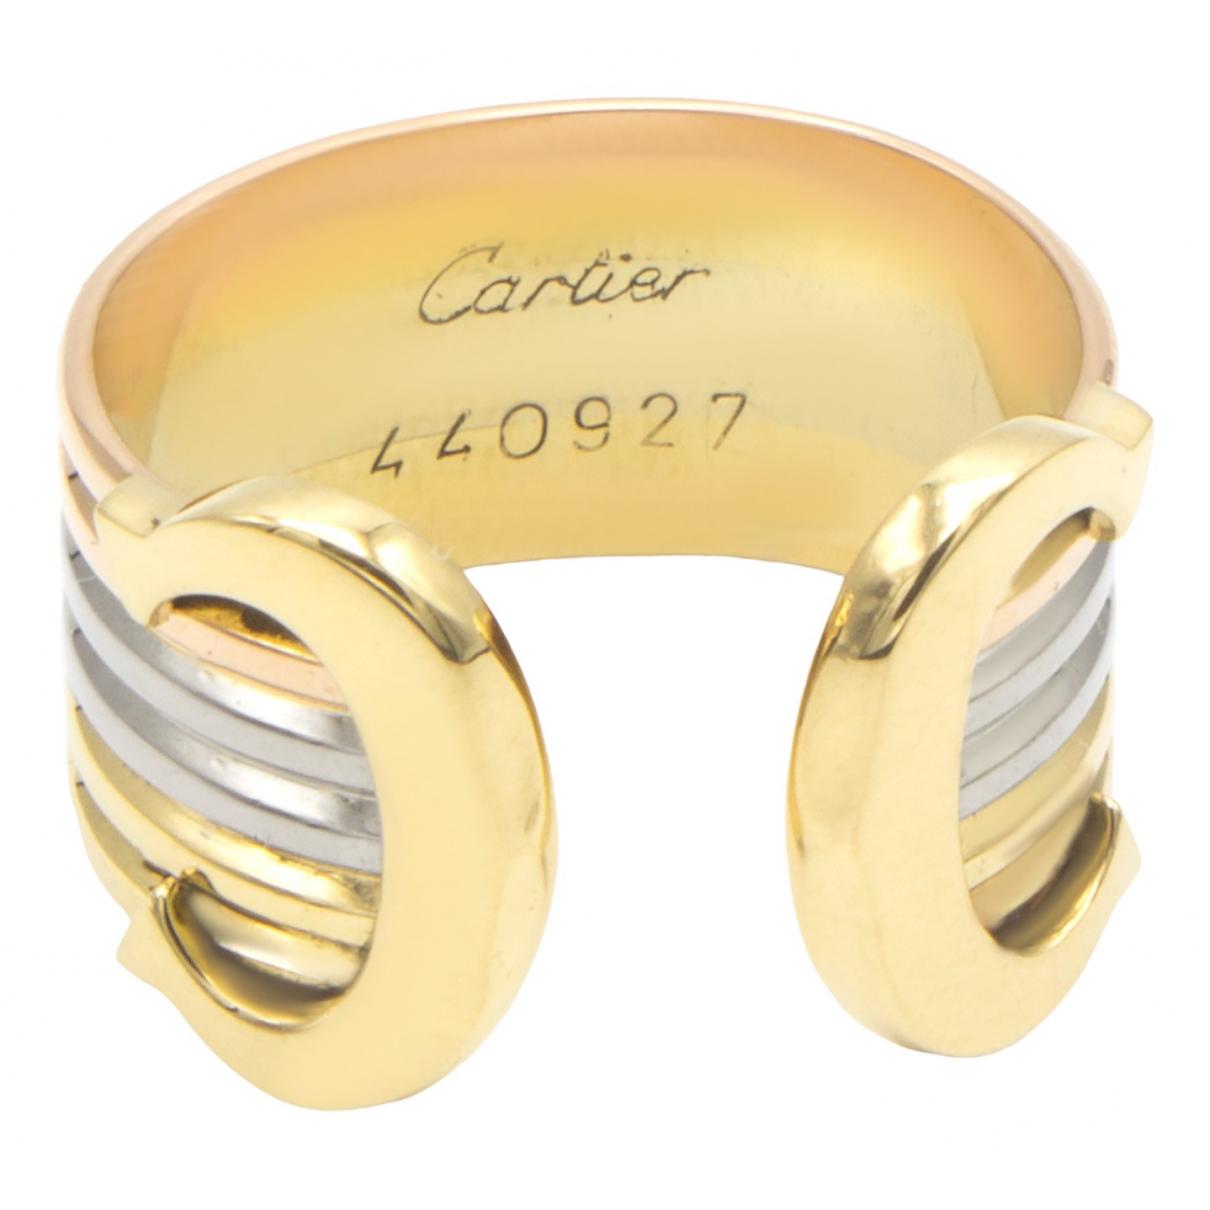 Cartier - Bague C pour femme en or jaune - dore